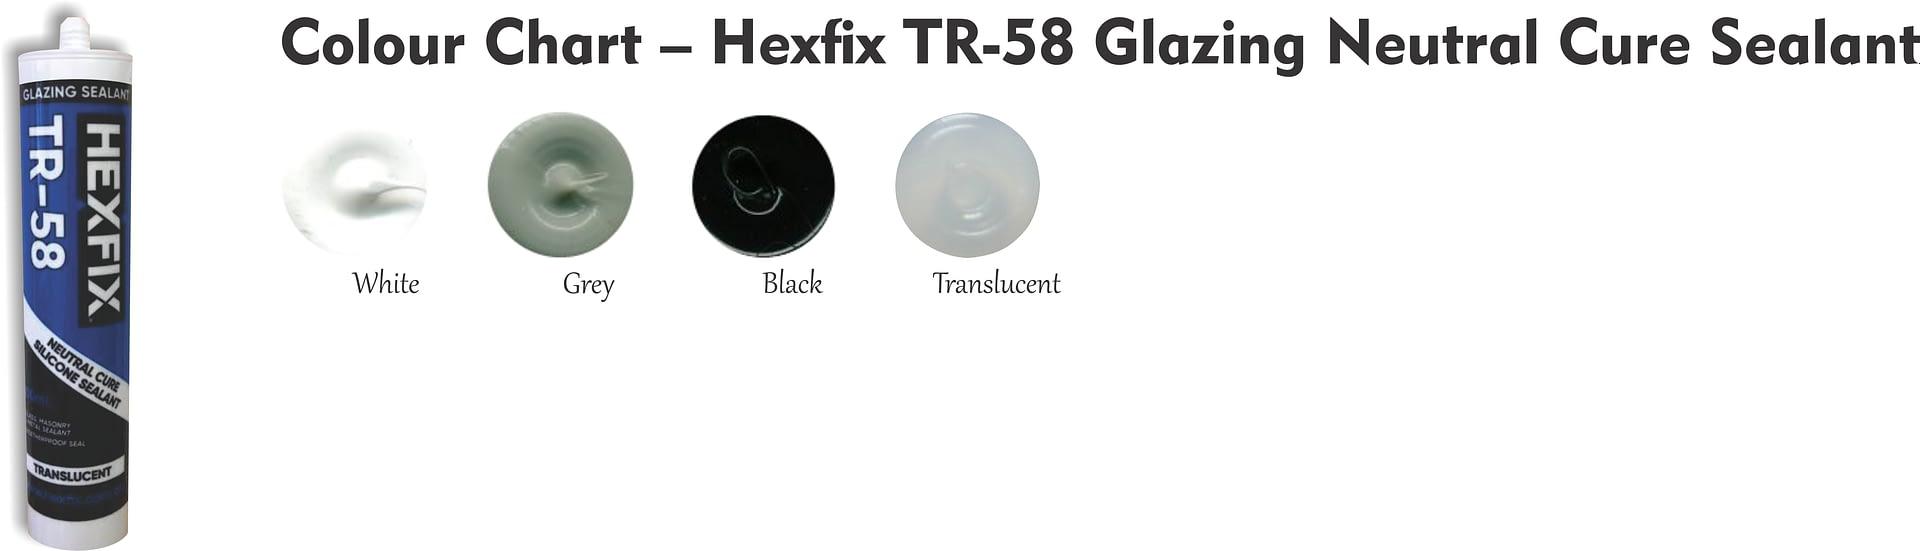 Colour Chart – Hexfix TR-58 Glazing Neutral Cure Sealant